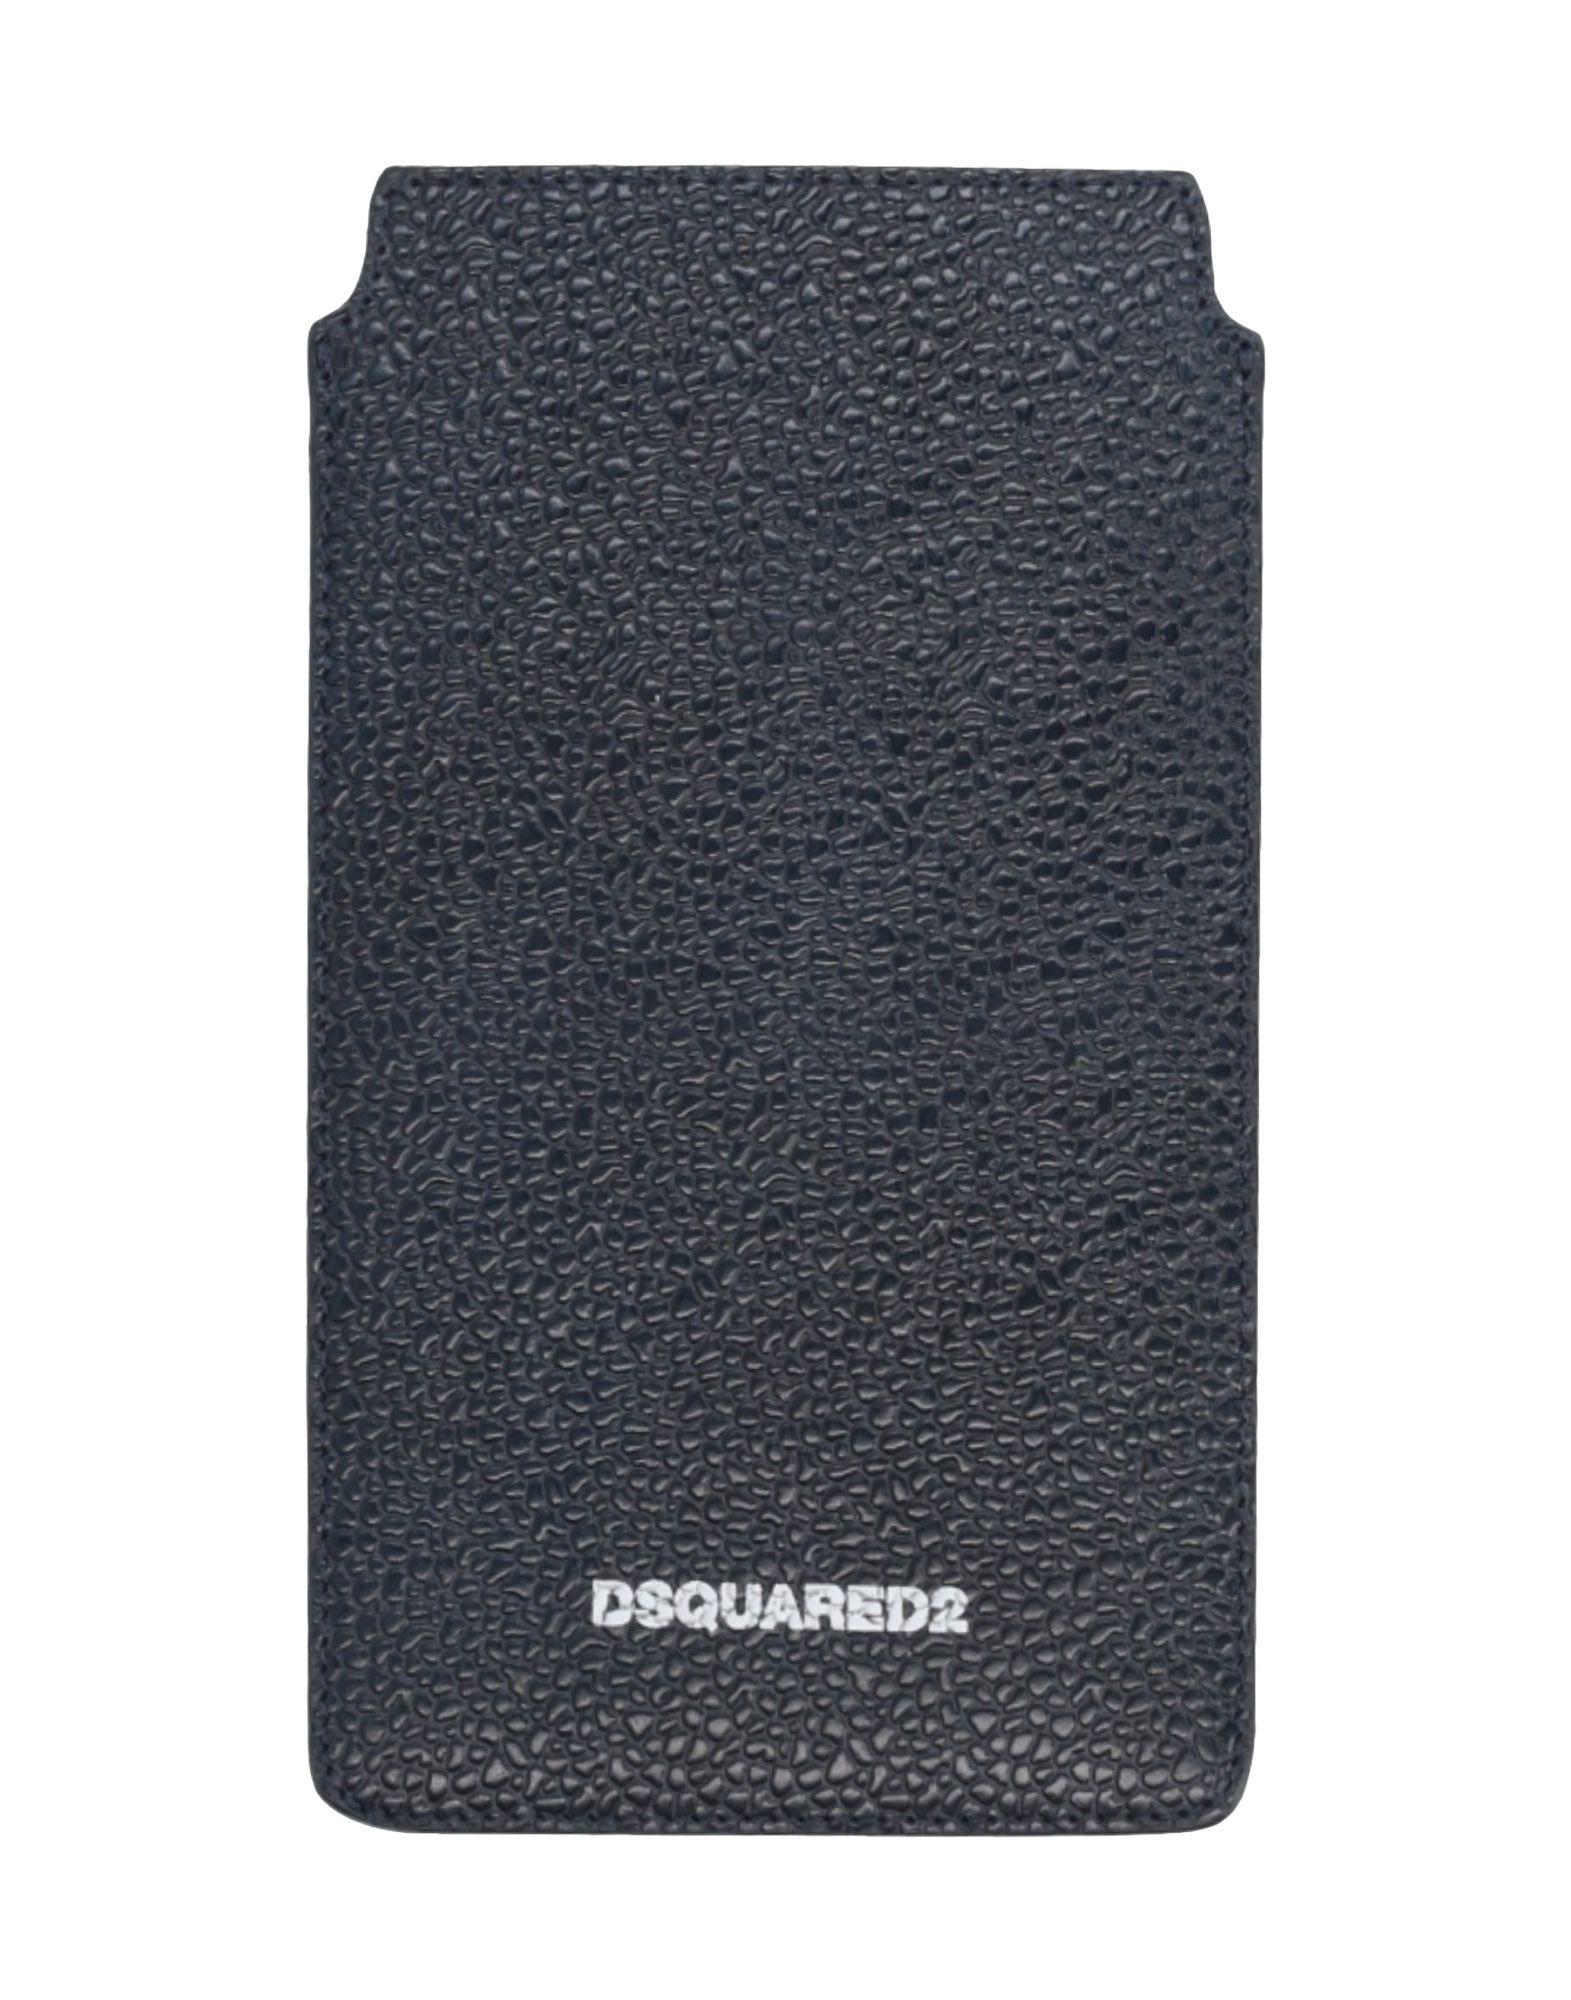 DSQUARED2 Чехол дворец цветок дизайн искусственная кожа флип кошелек карты держатель чехол для iphone 6 plus 6s plus